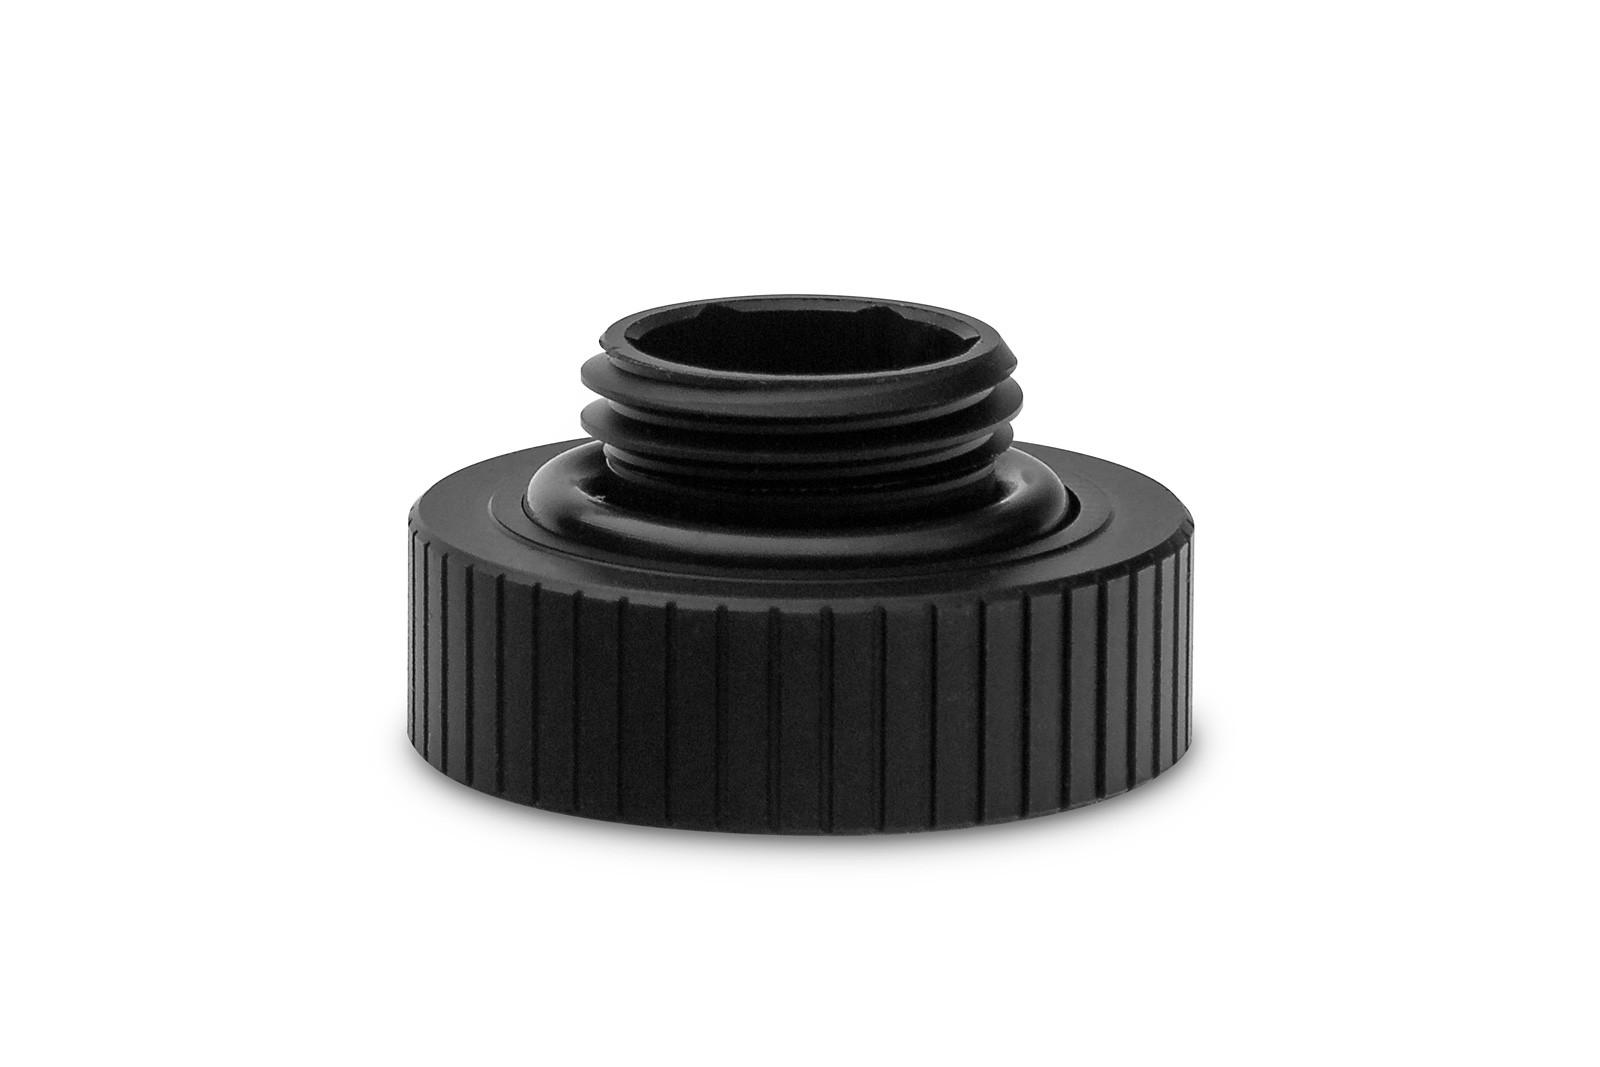 EK WaterBlocks EK-Quantum Torque Extender Static MF 7 - Black